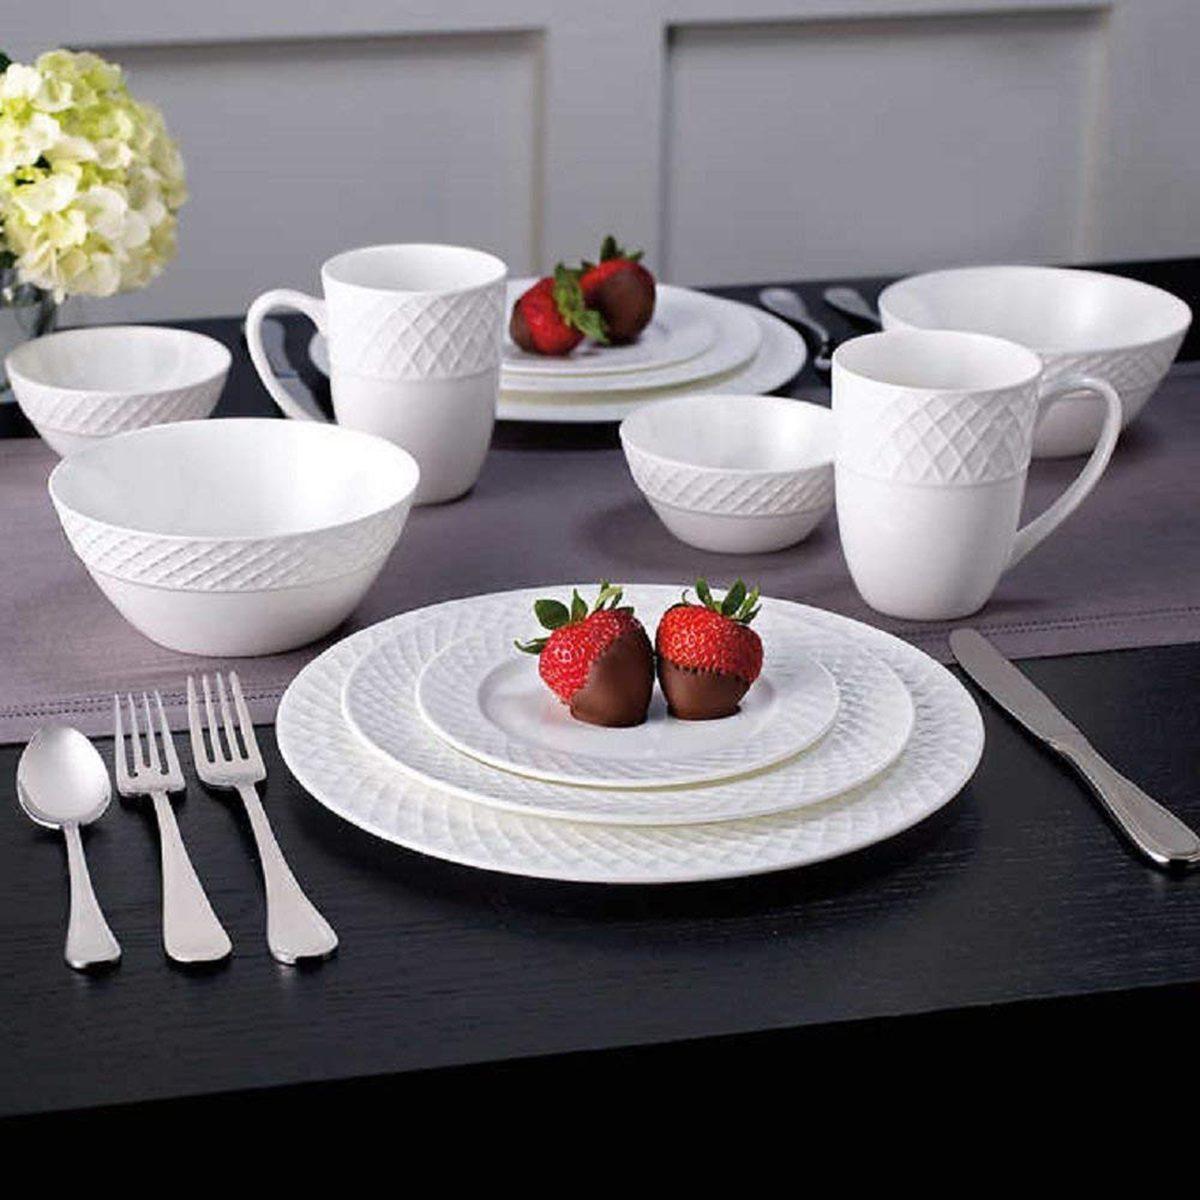 Mikasa Trellis 36 Piece Dinnerware Set, Service for 6, White